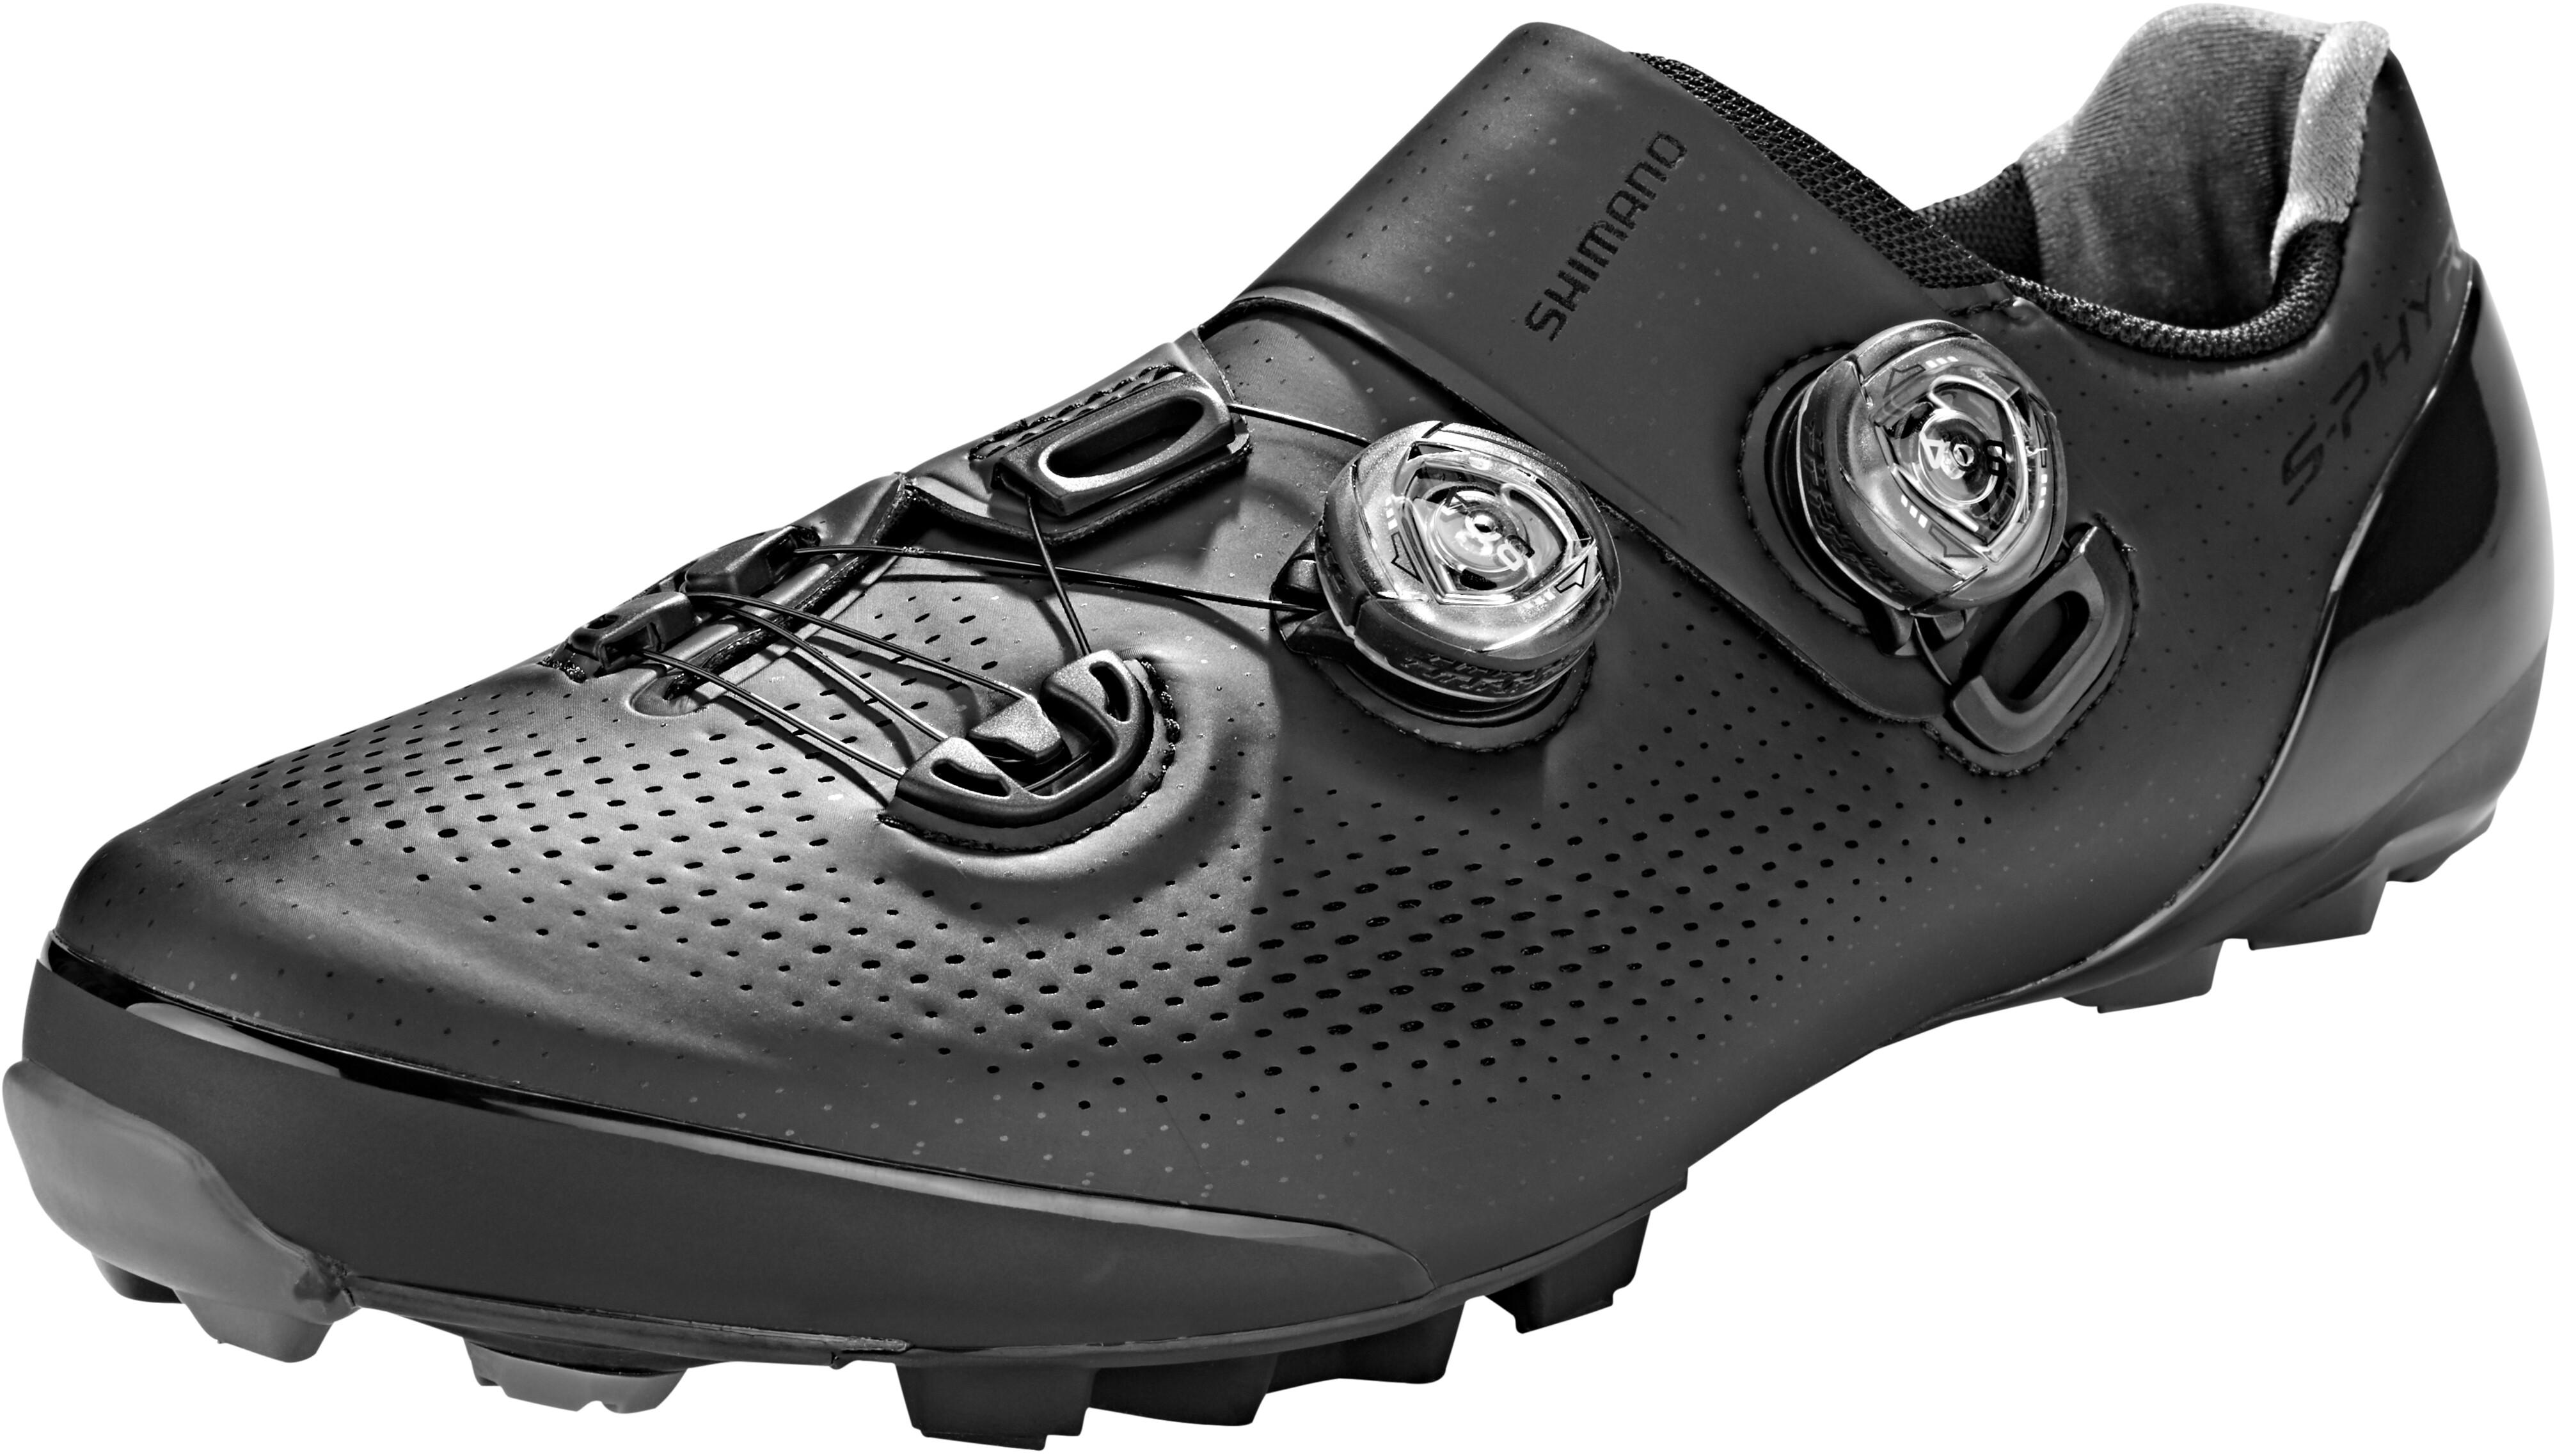 Shimano Sh Xc9 S Phyre Buty Rowerowe Wide Mezczyzni Black Sklep Bikester Pl